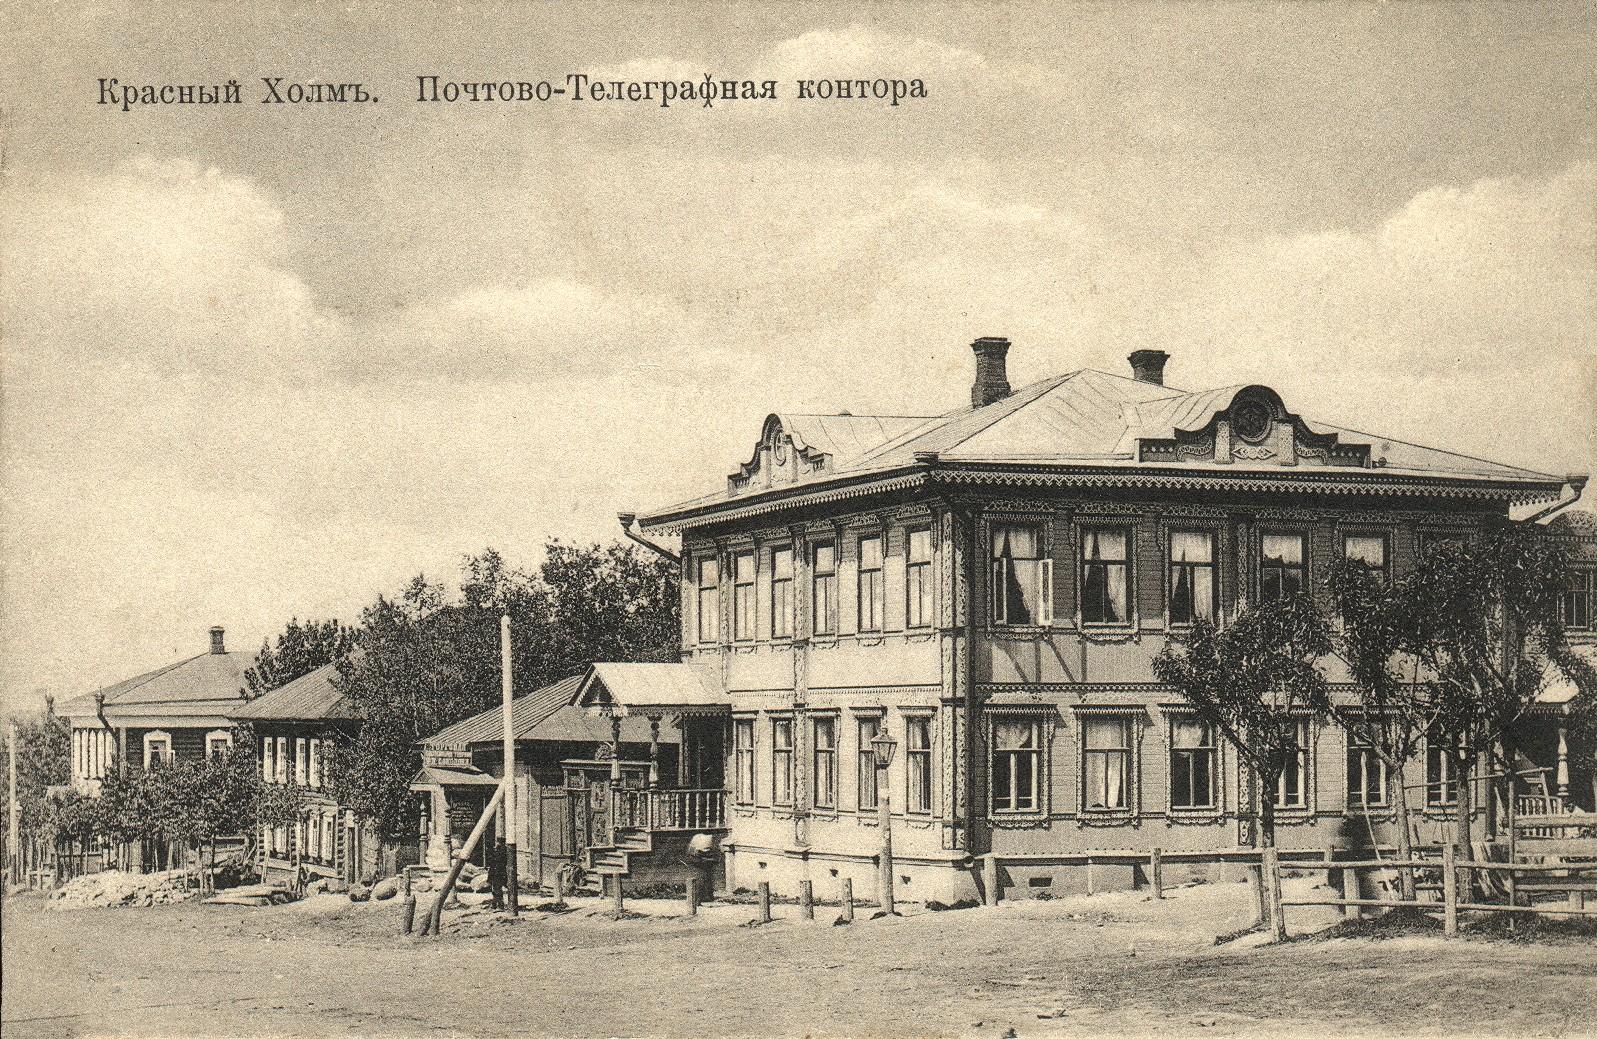 Почтово-Телеграфная контора